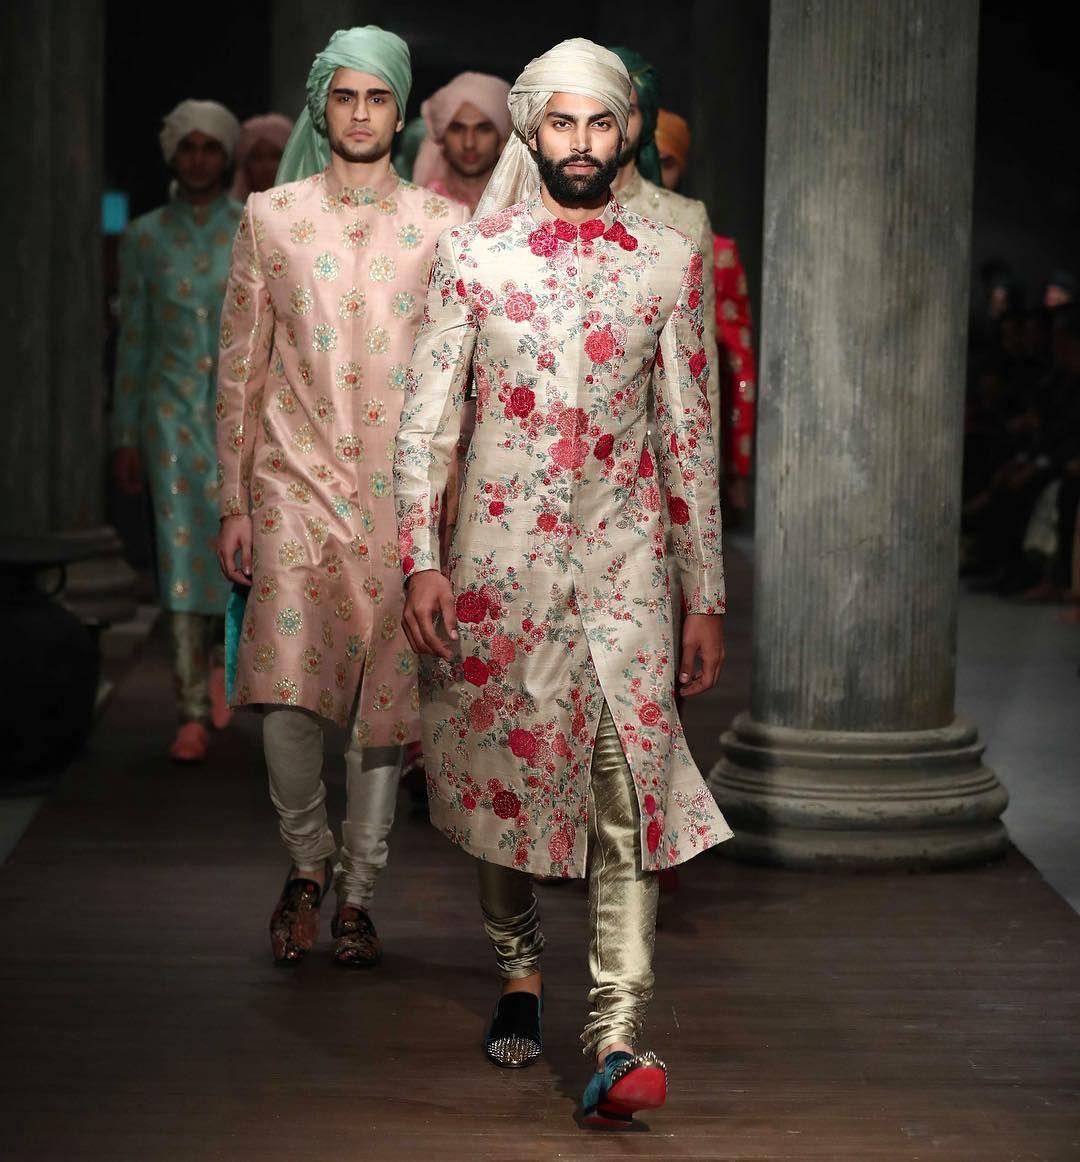 groomsmen outfit ideas, groomsmen attire ideas, groom and groomsmen attire ideas, casual groom attire ideas